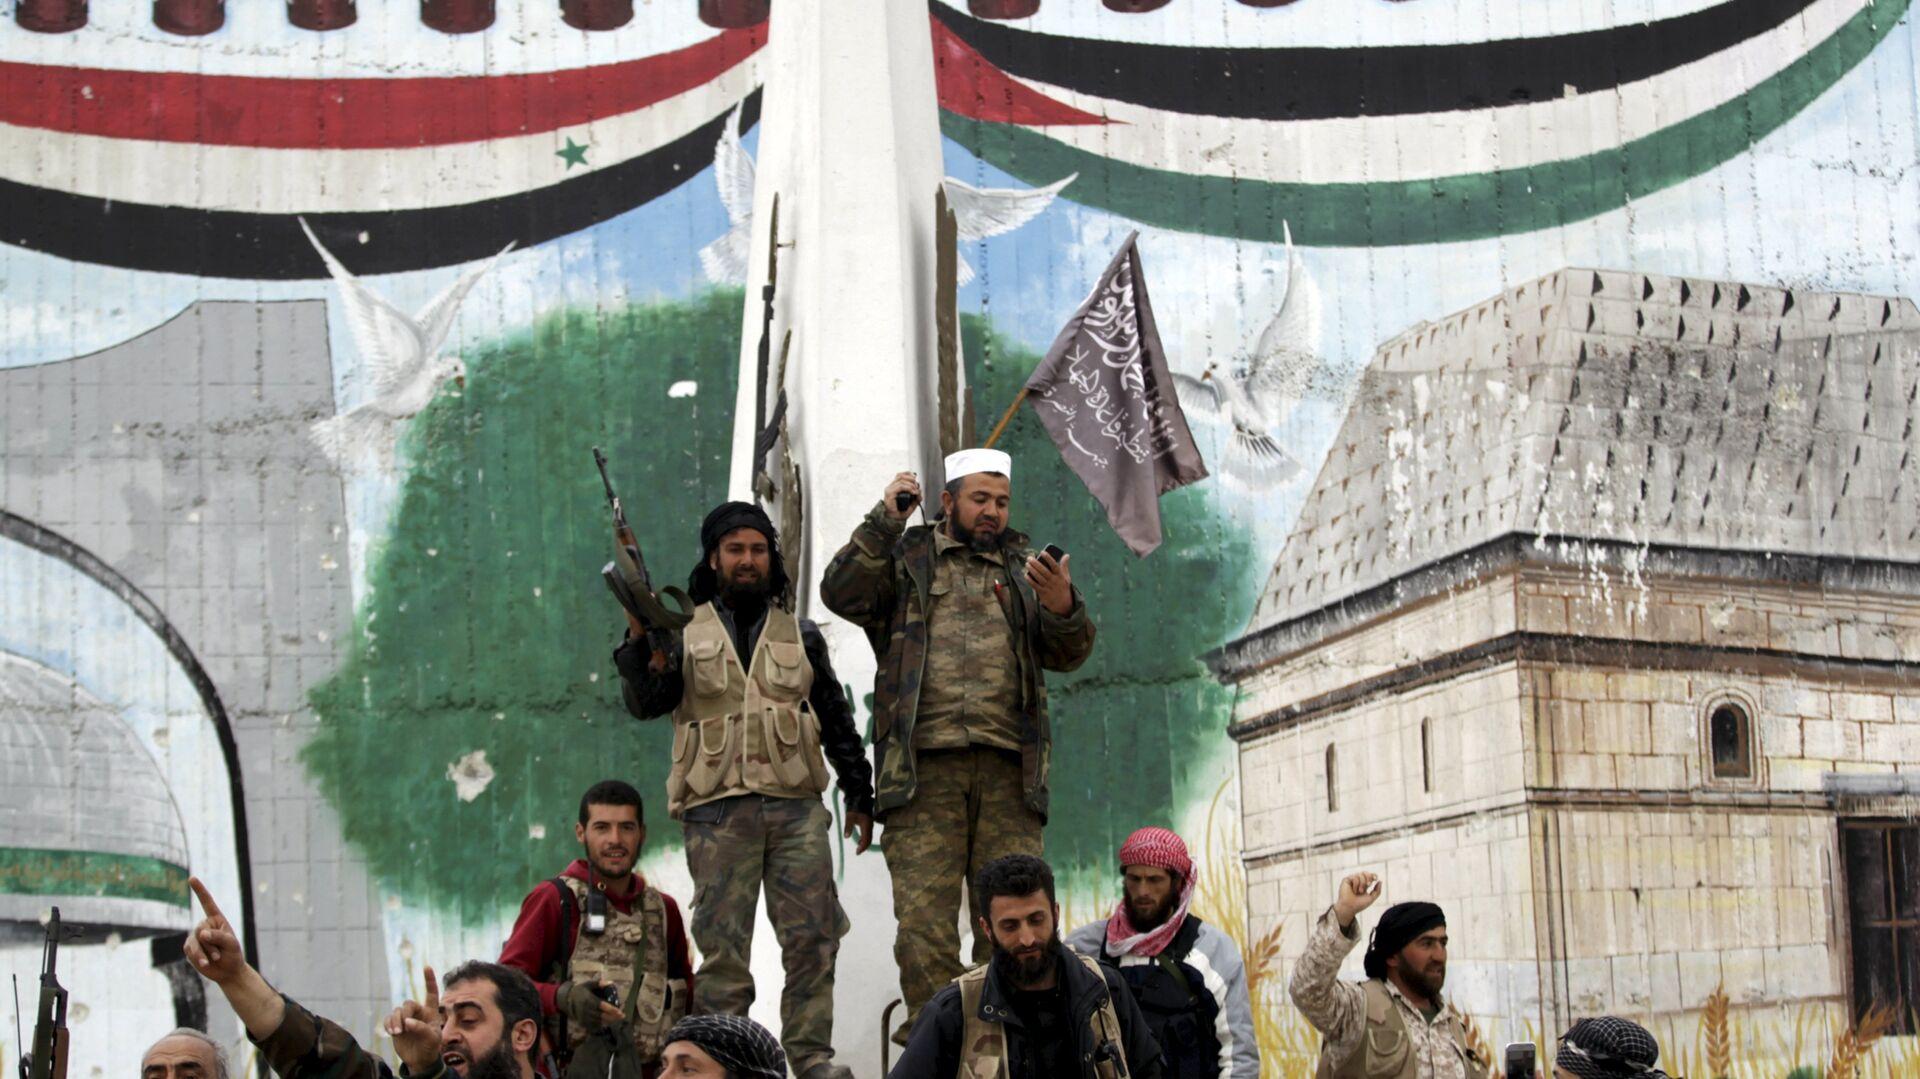 Combatientes con la bandera del grupo Frente al Nusra (proscrito en Rusia) - Sputnik Mundo, 1920, 21.05.2021